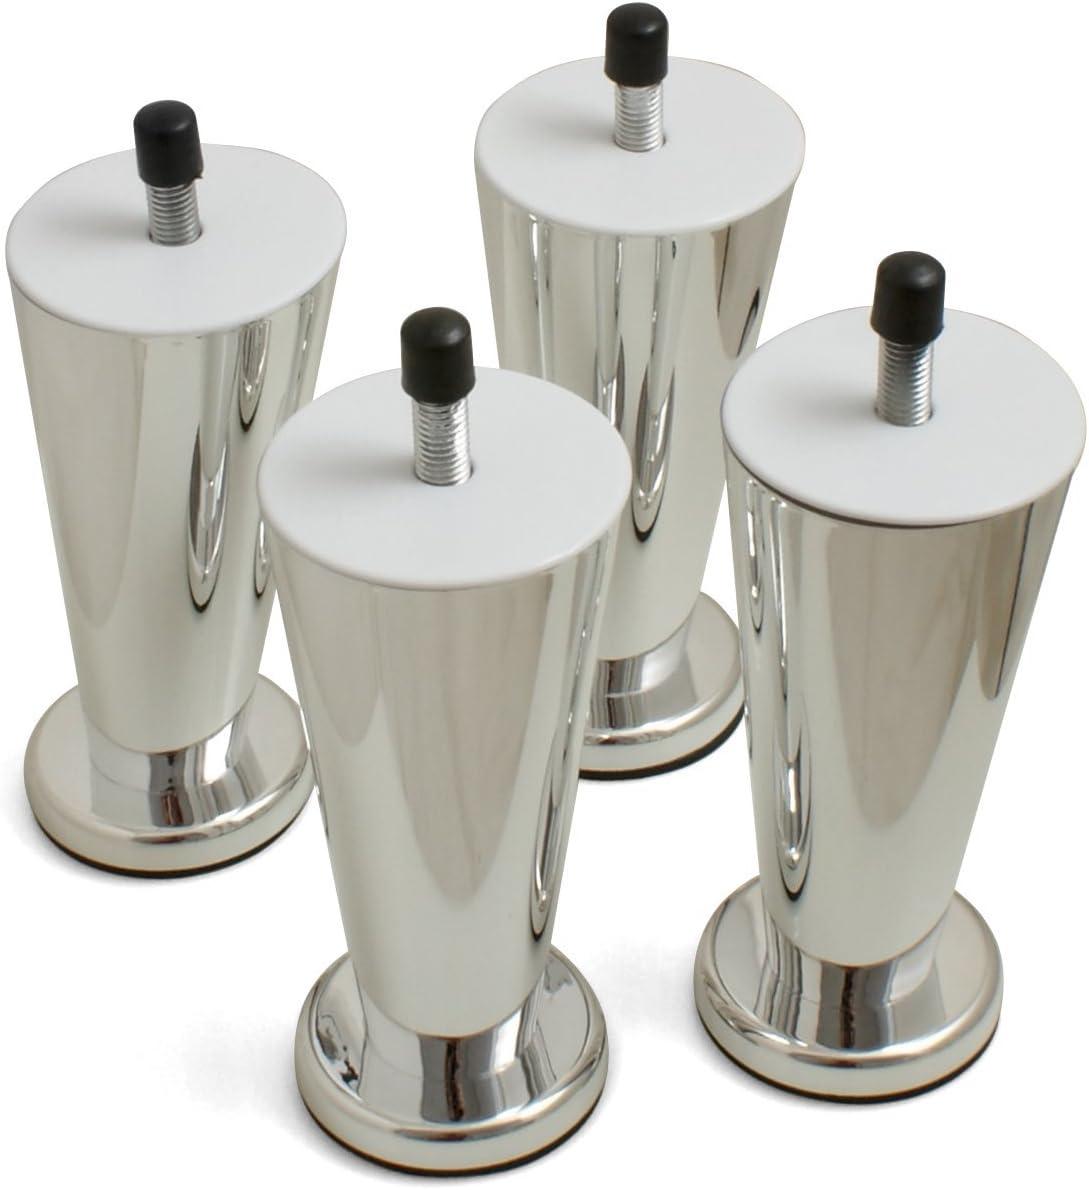 Design61 Juego de 4 patas para muebles Sofá patas de plástico para muebles (imitación de cromo – Posavasos para muebles Sofá Sillón atornillar ...